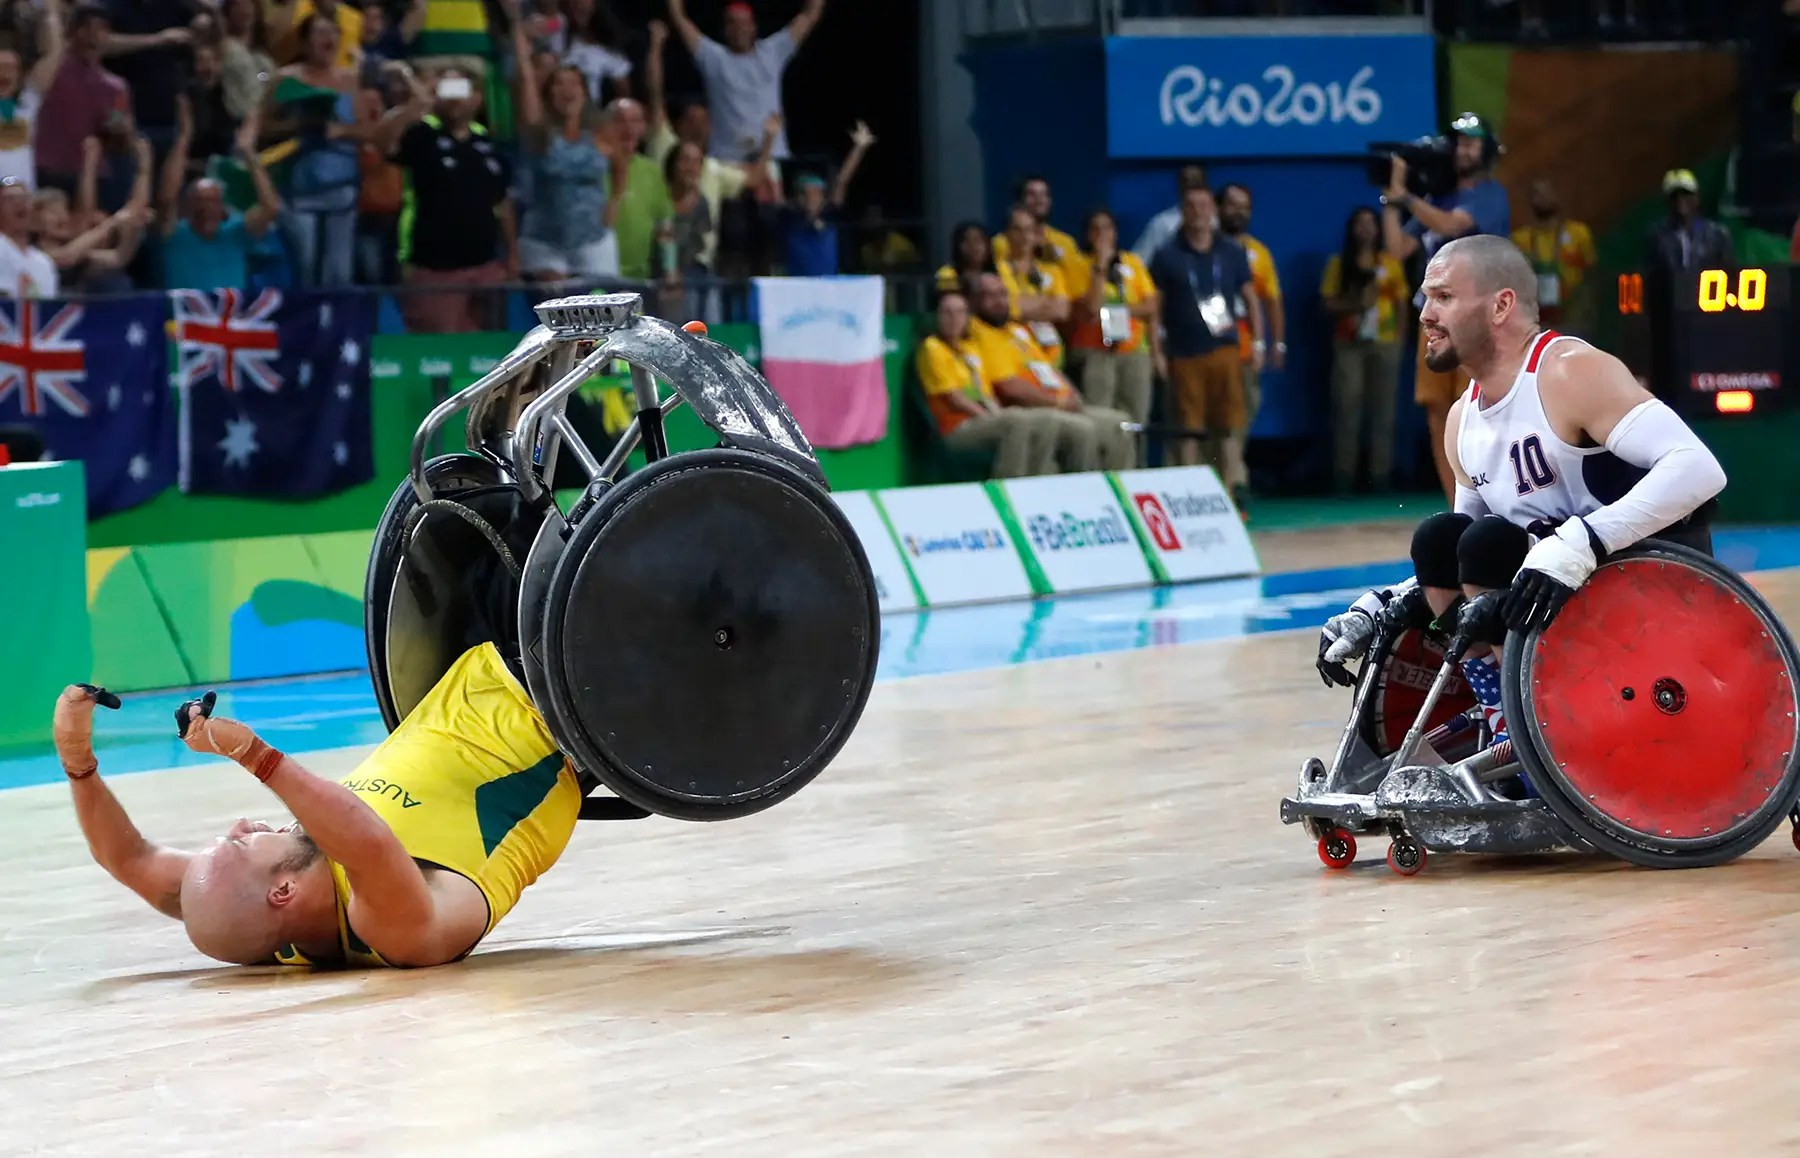 Ryley Batt Australia celebra ganando una medalla de oro en el rugby.